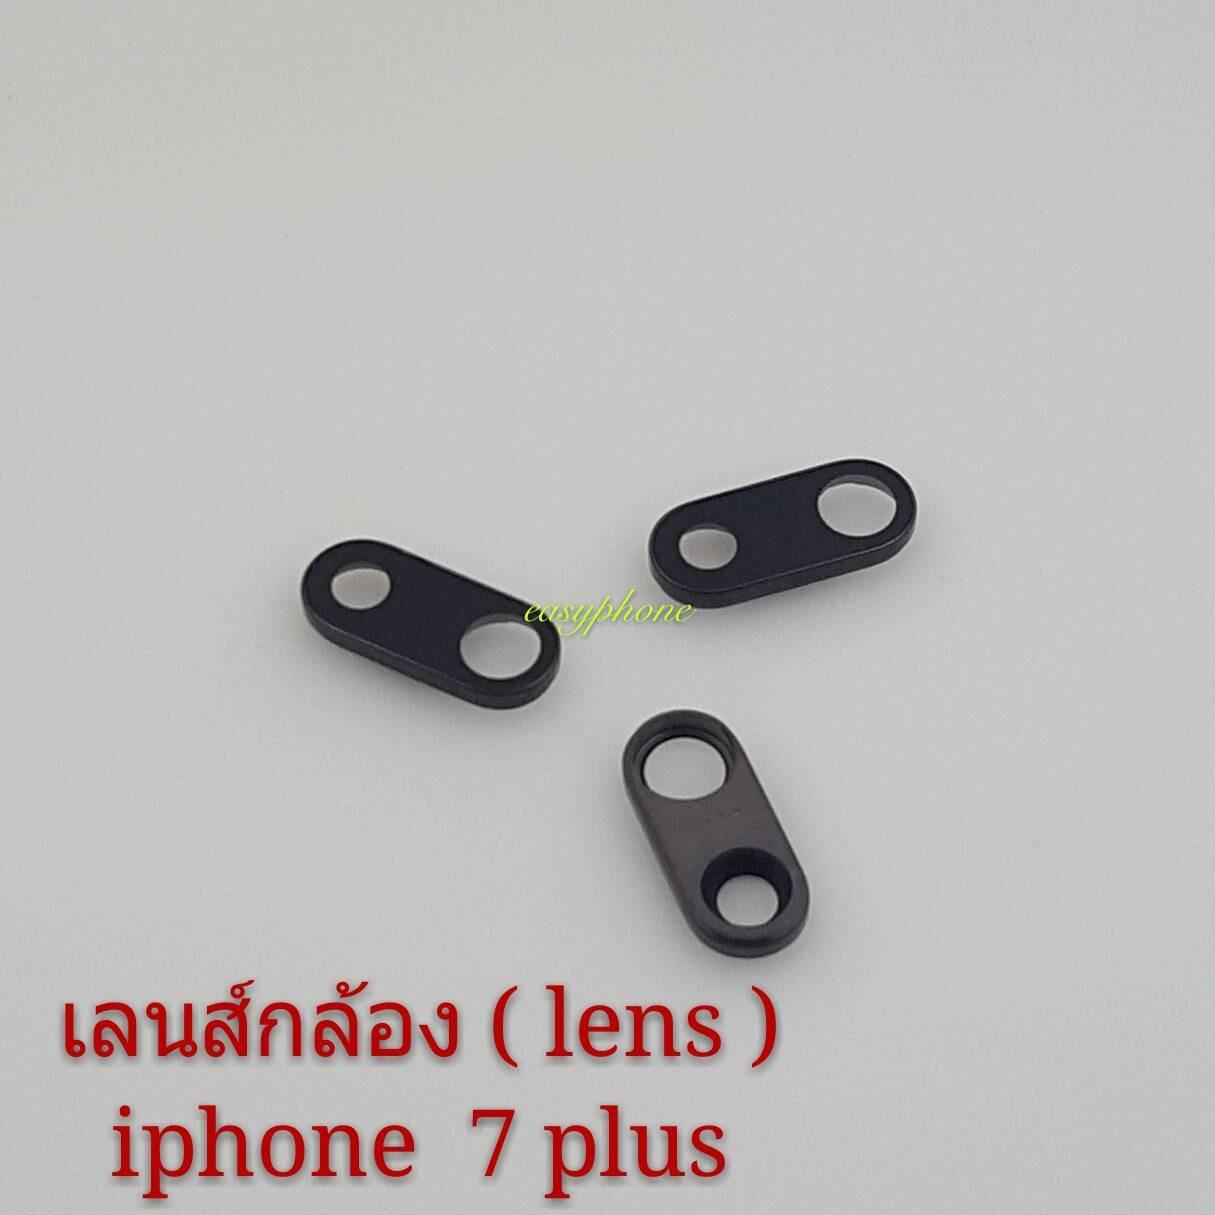 เลนส์กล้อง I Phone 7 Plus